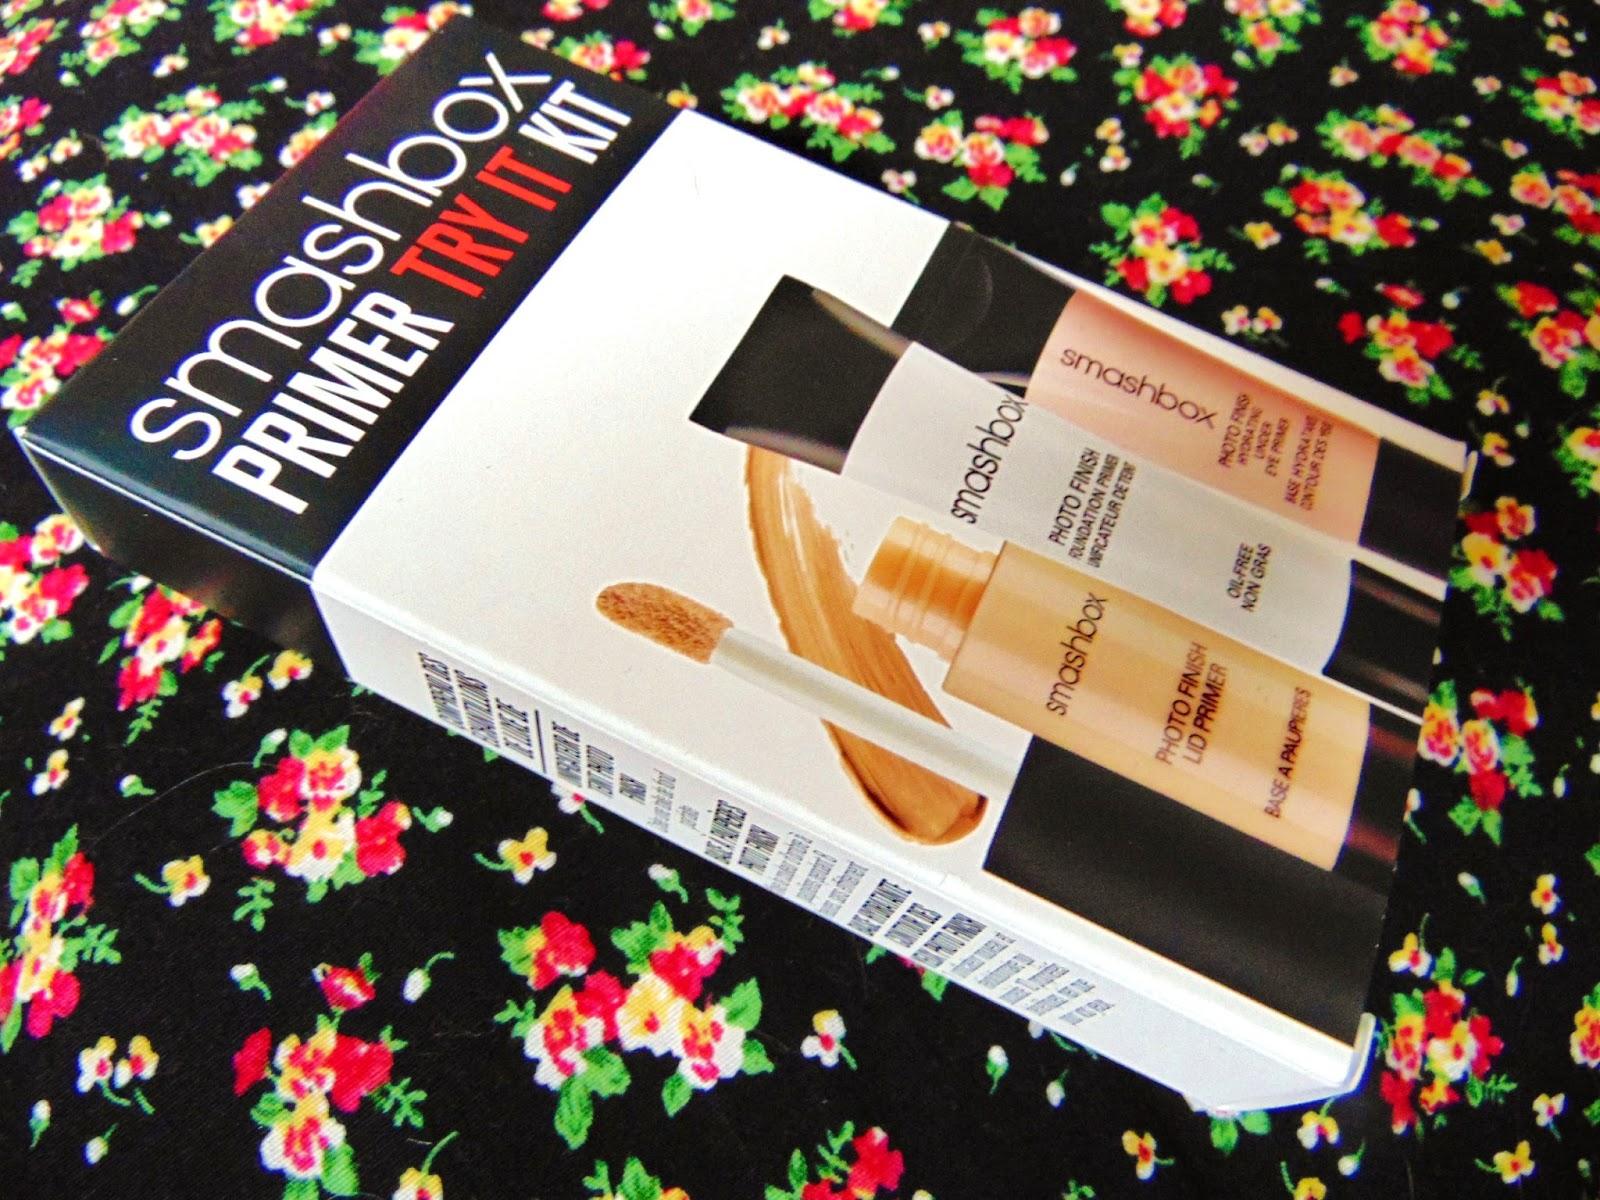 smashbox primer try it kit sample